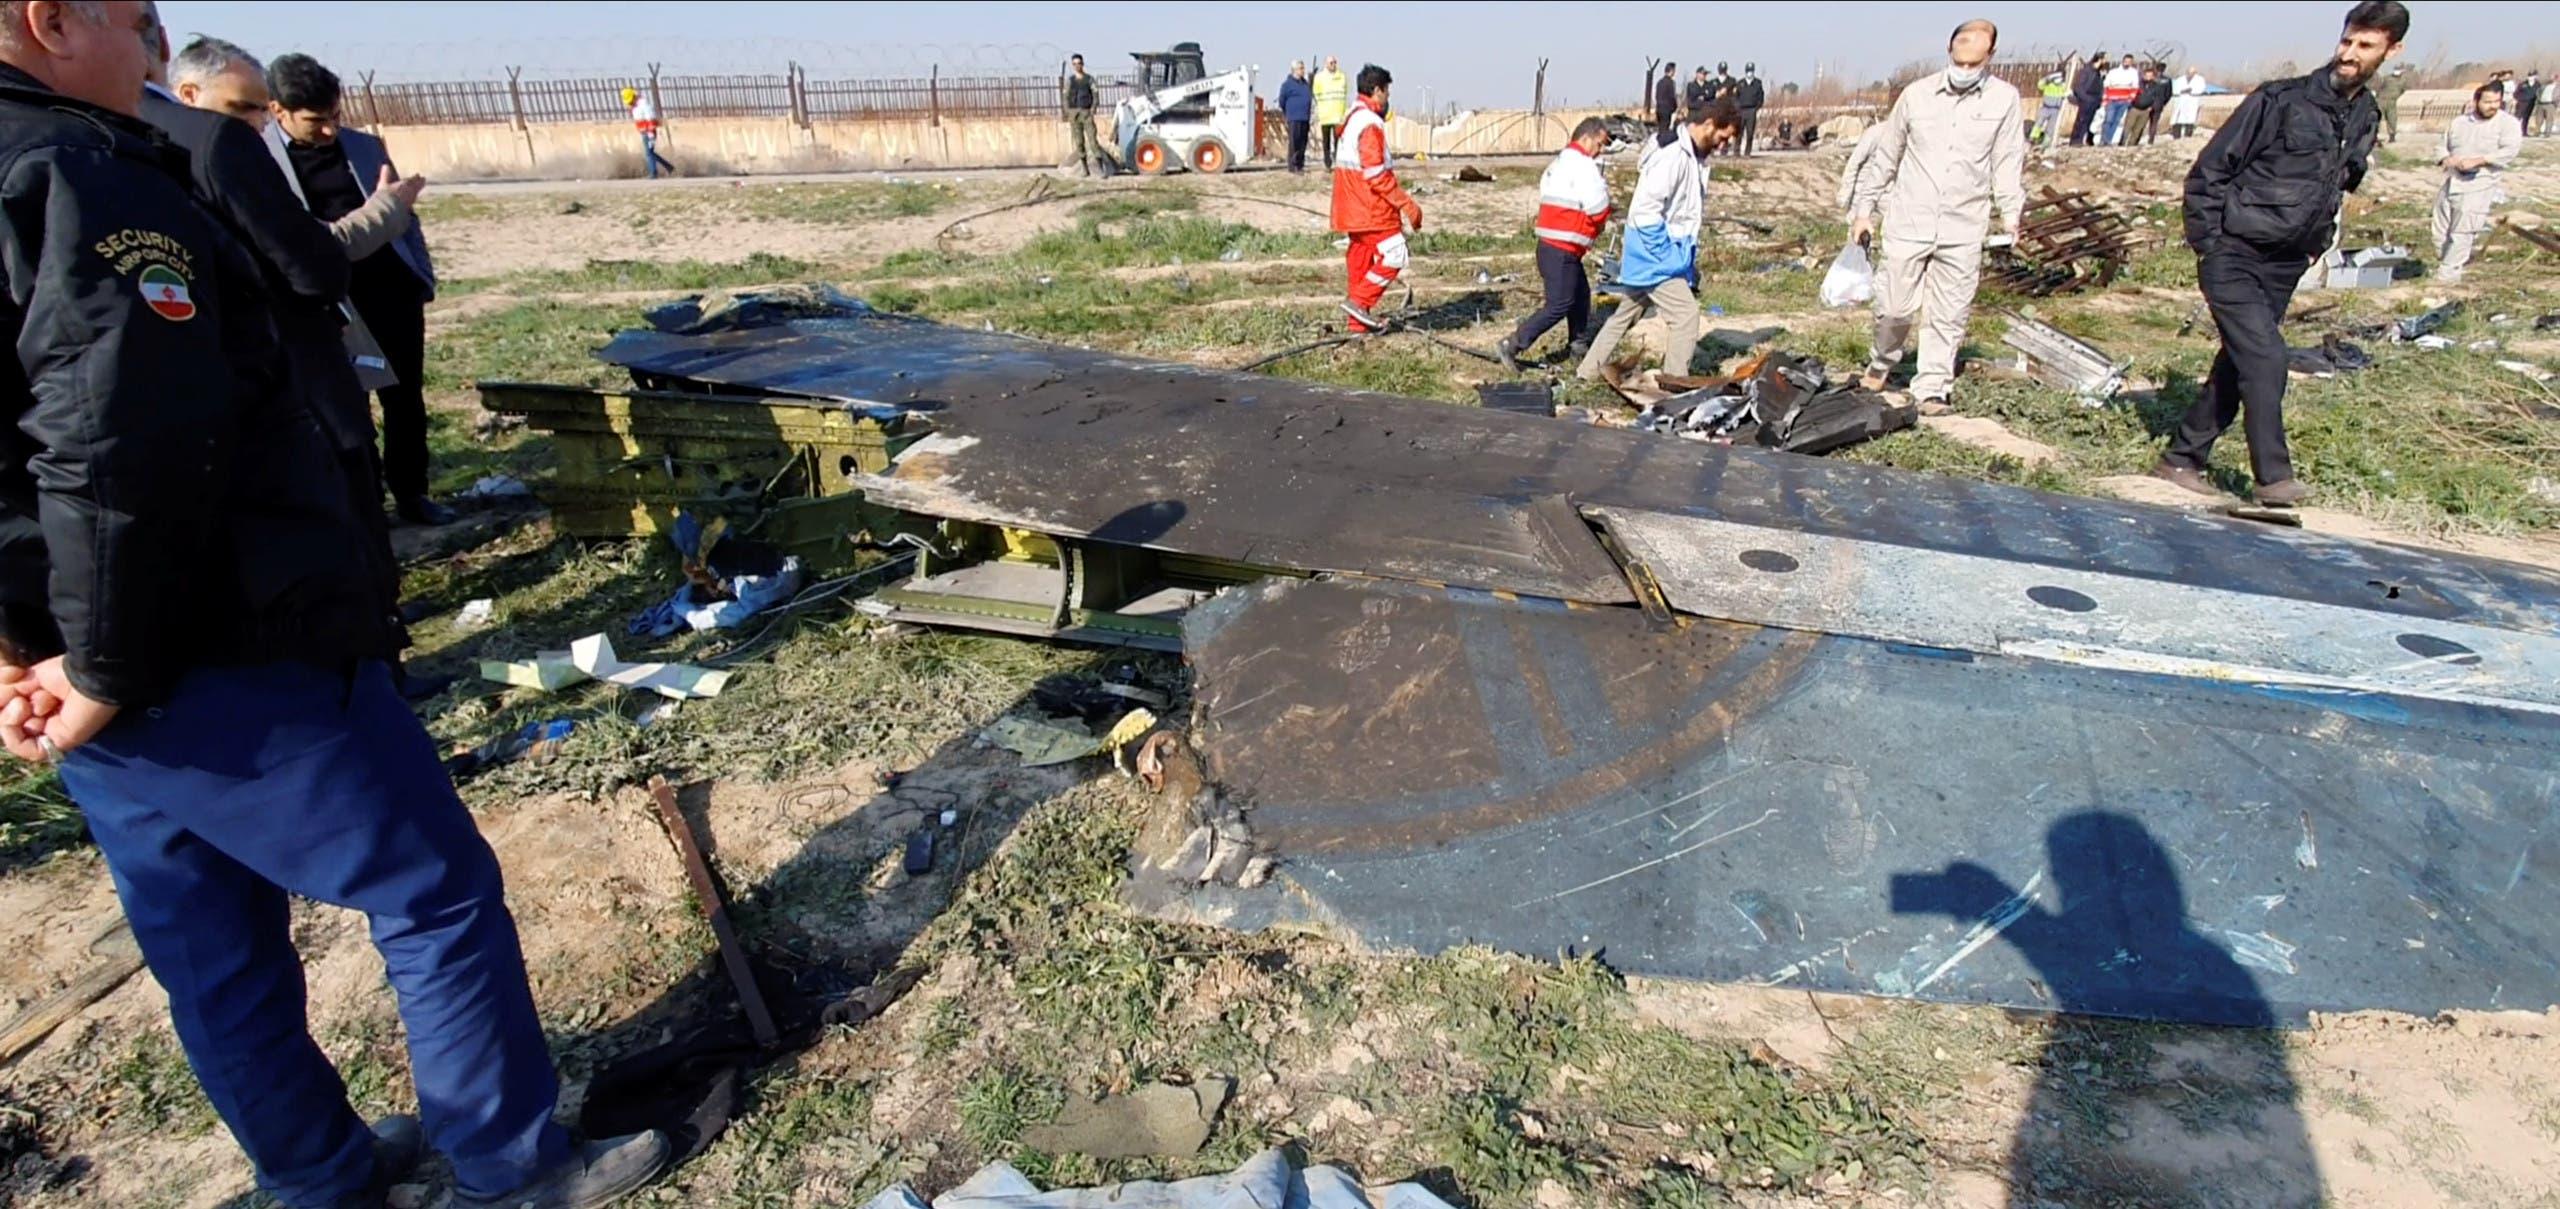 من موقع تحطم الطائرة الأوكرانية في طهران (أرشيفية- رويترز)